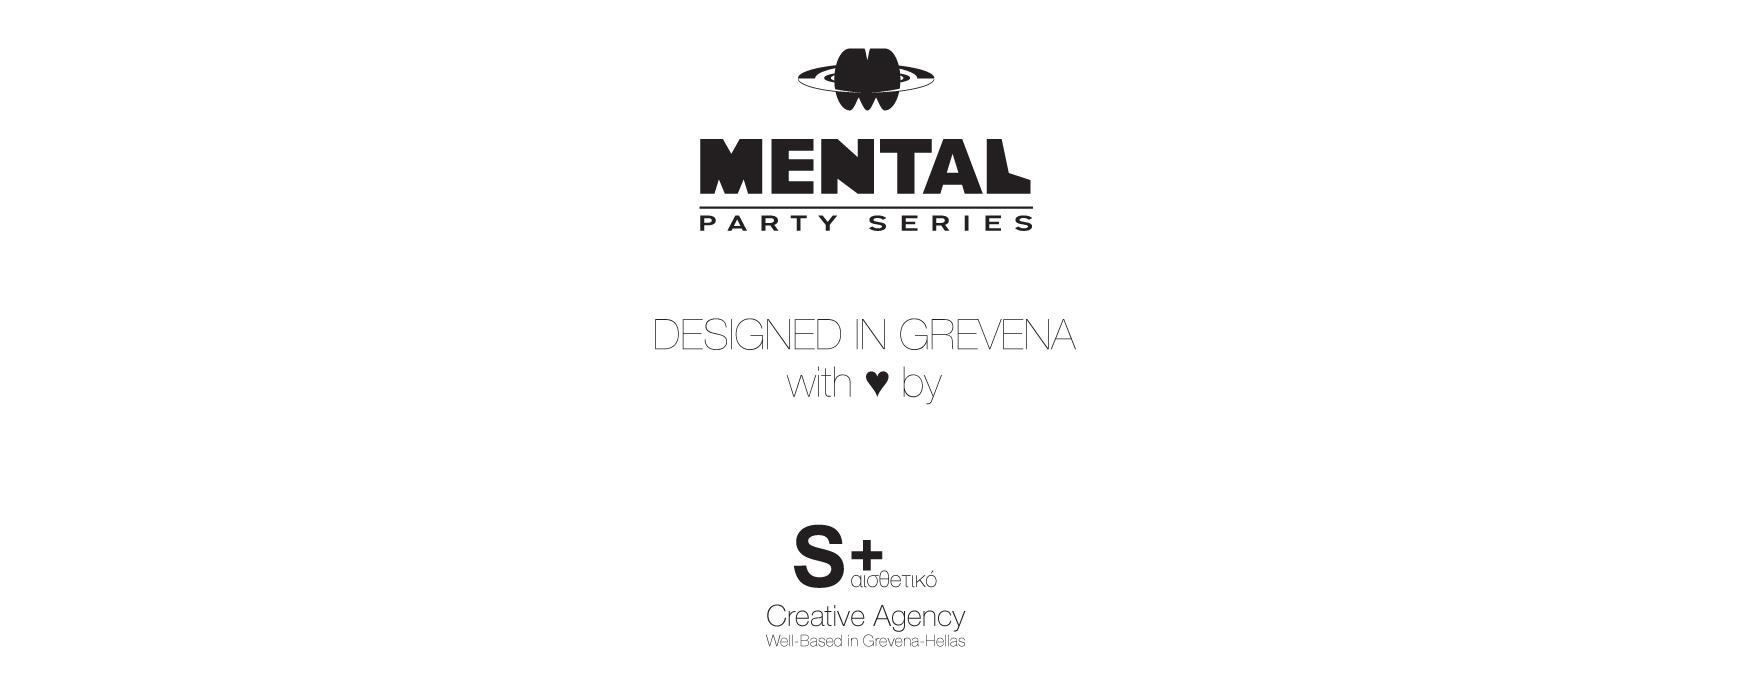 mental_designed